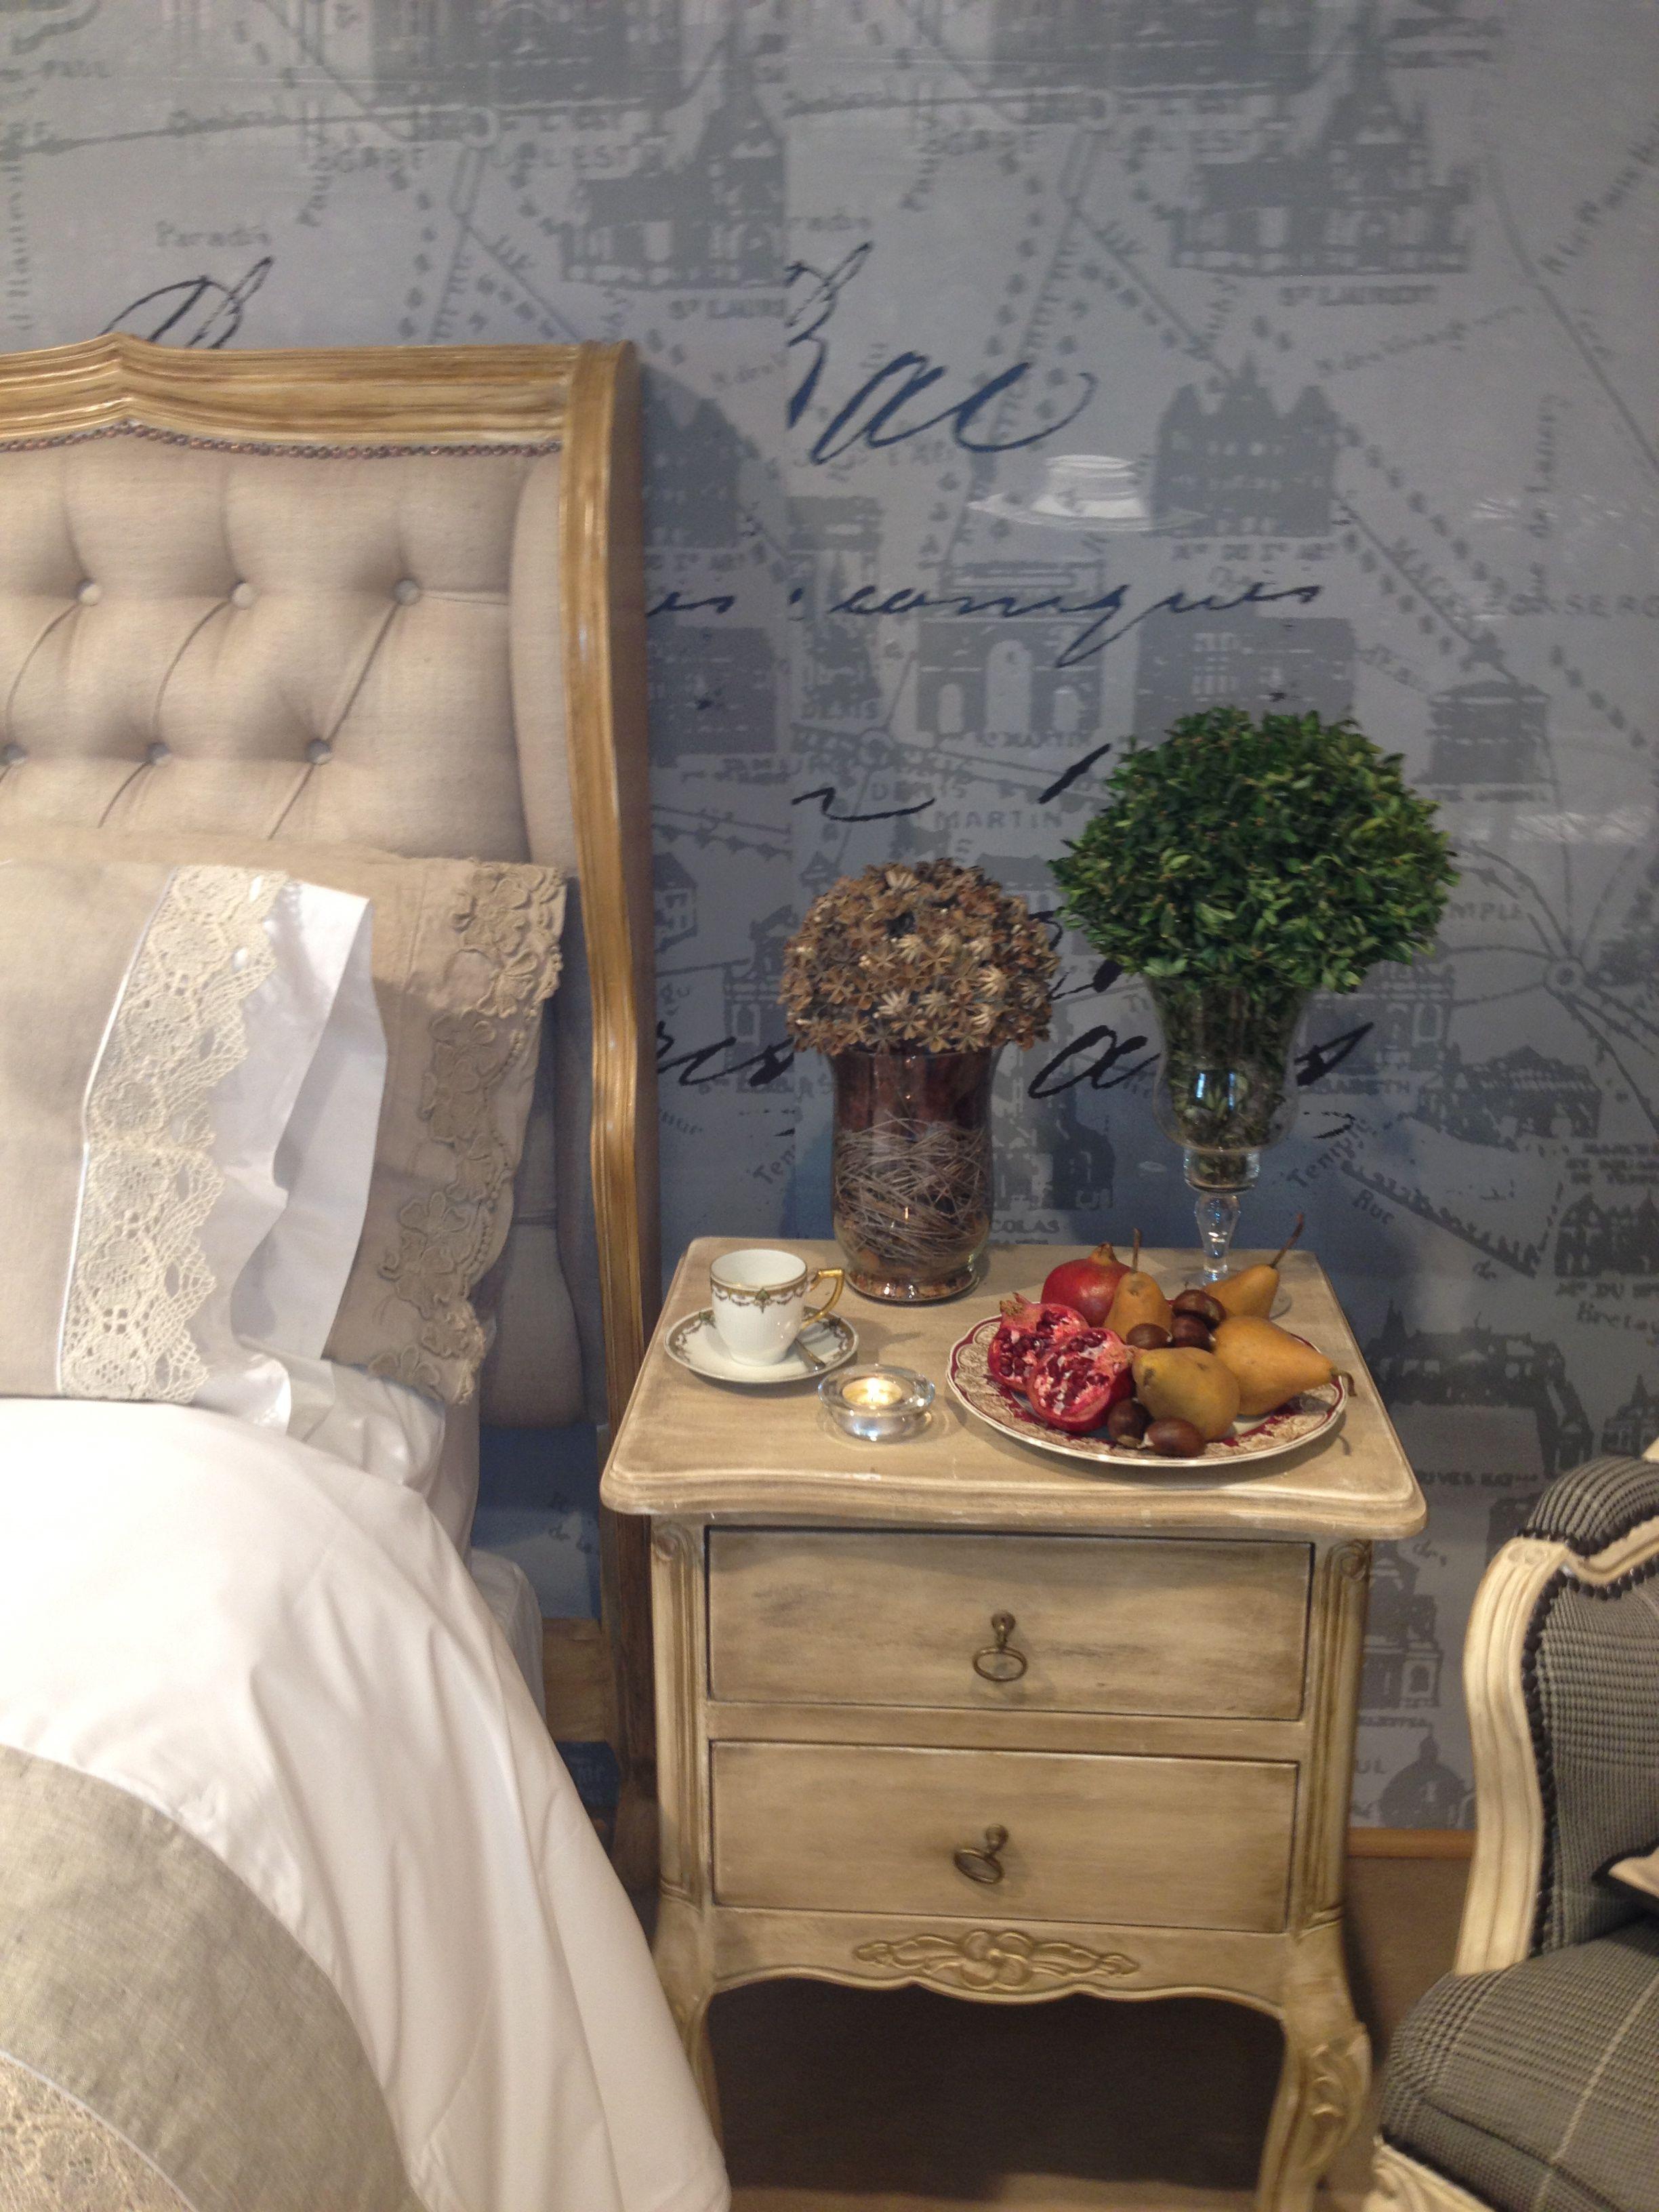 Velador Muebles Pinterest Veladores Dormitorio Y Muebles Retro # Muebles Y Cosas